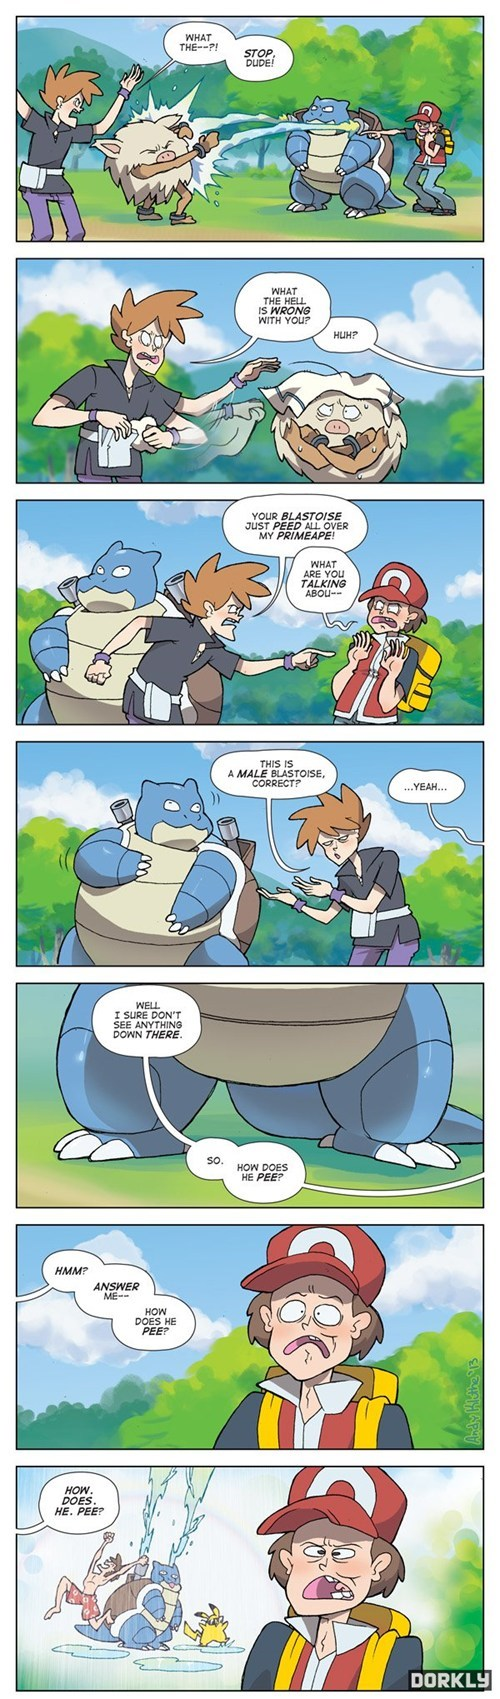 Pokémon,dorkly,blastoise,comics